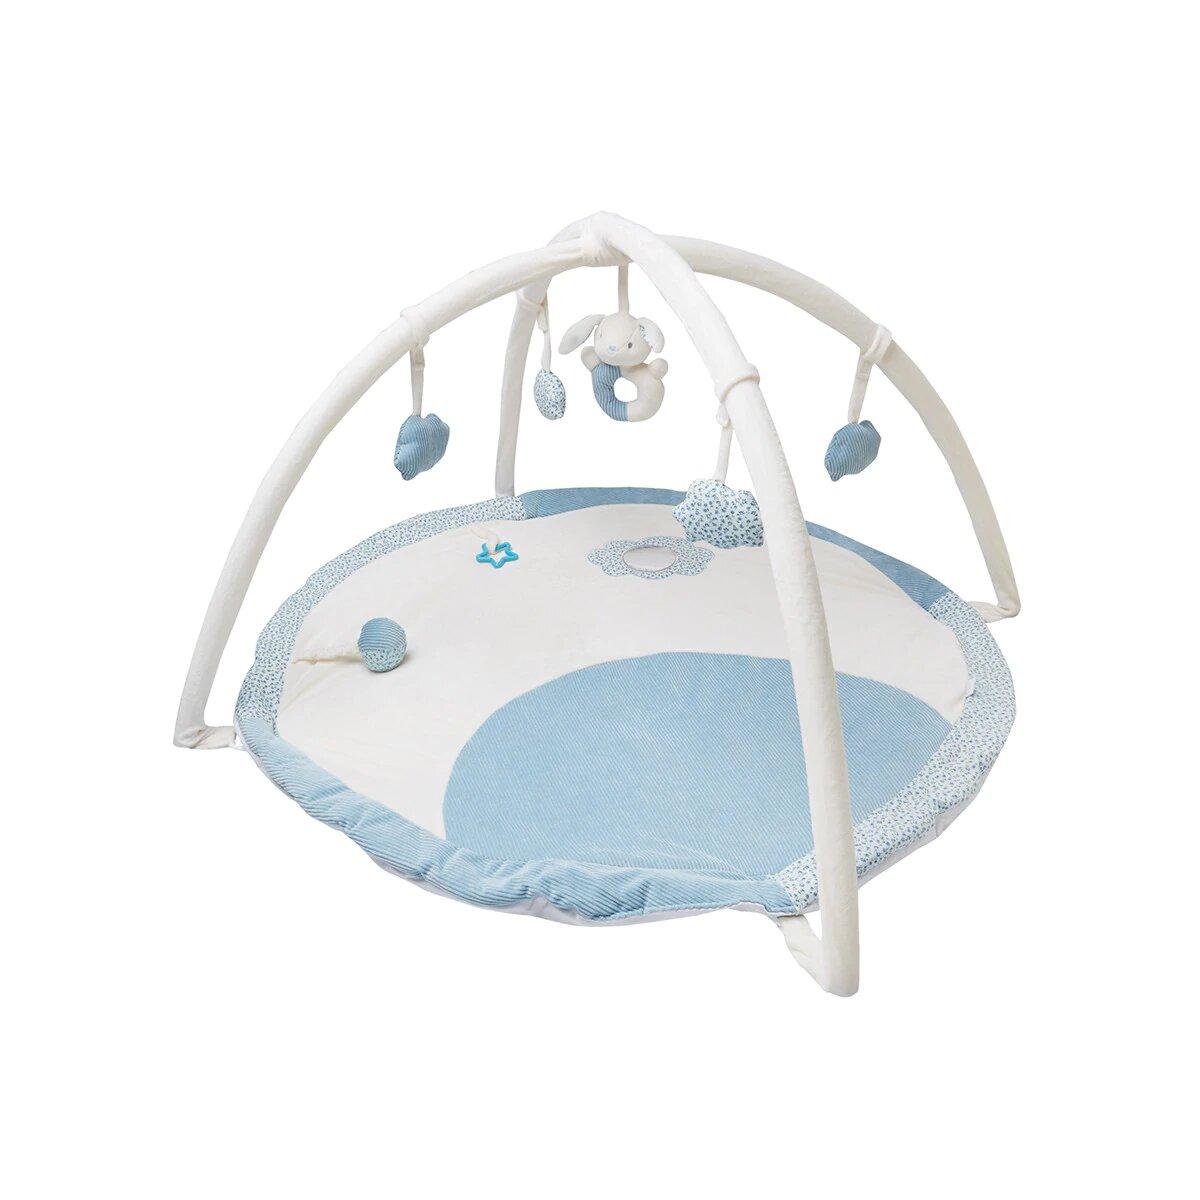 Gimnasio para bebés Cotton Juice Baby Home con Arco de juegos azul